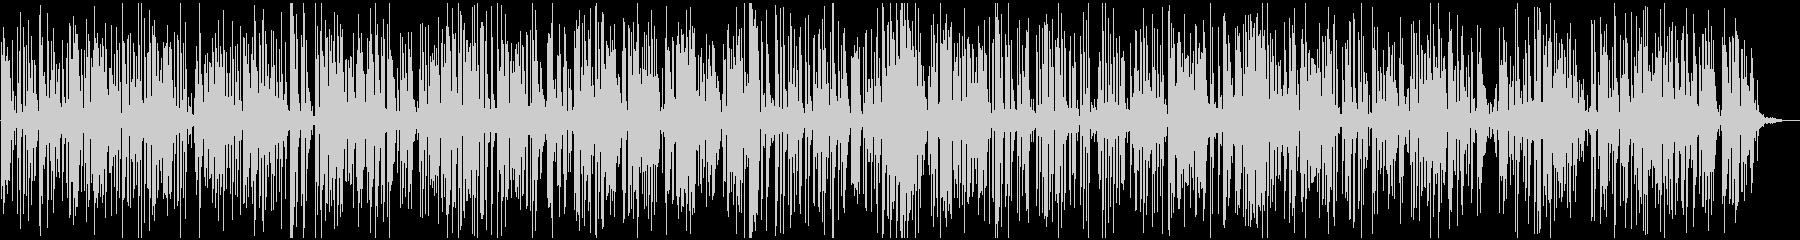 軽快なアコースティックジャズピアノトリオの未再生の波形